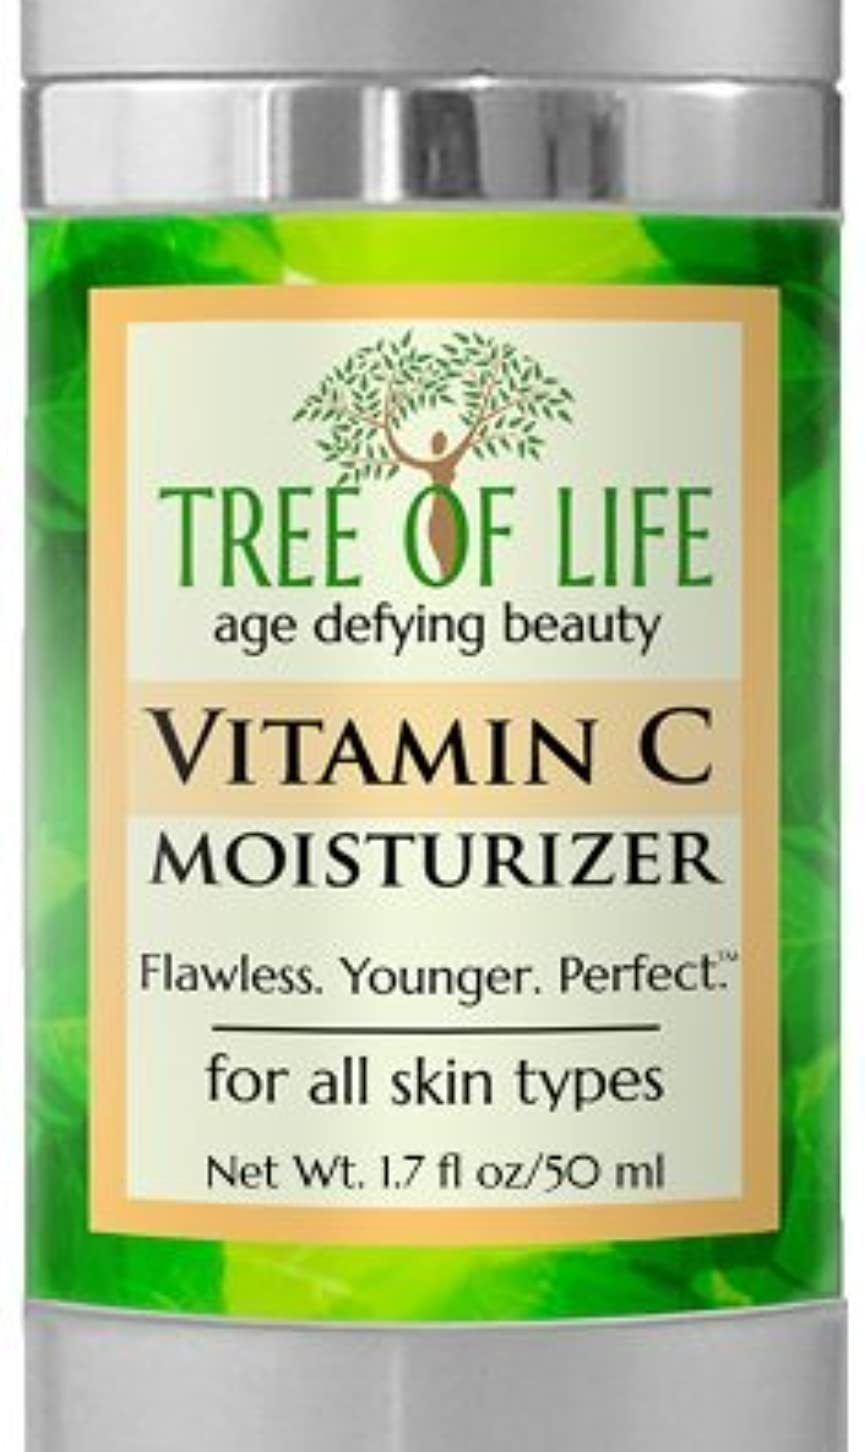 ピケ適応する外側Tree of Life Beauty ビタミン C モイスチャライザー クリーム 顔 肌 用